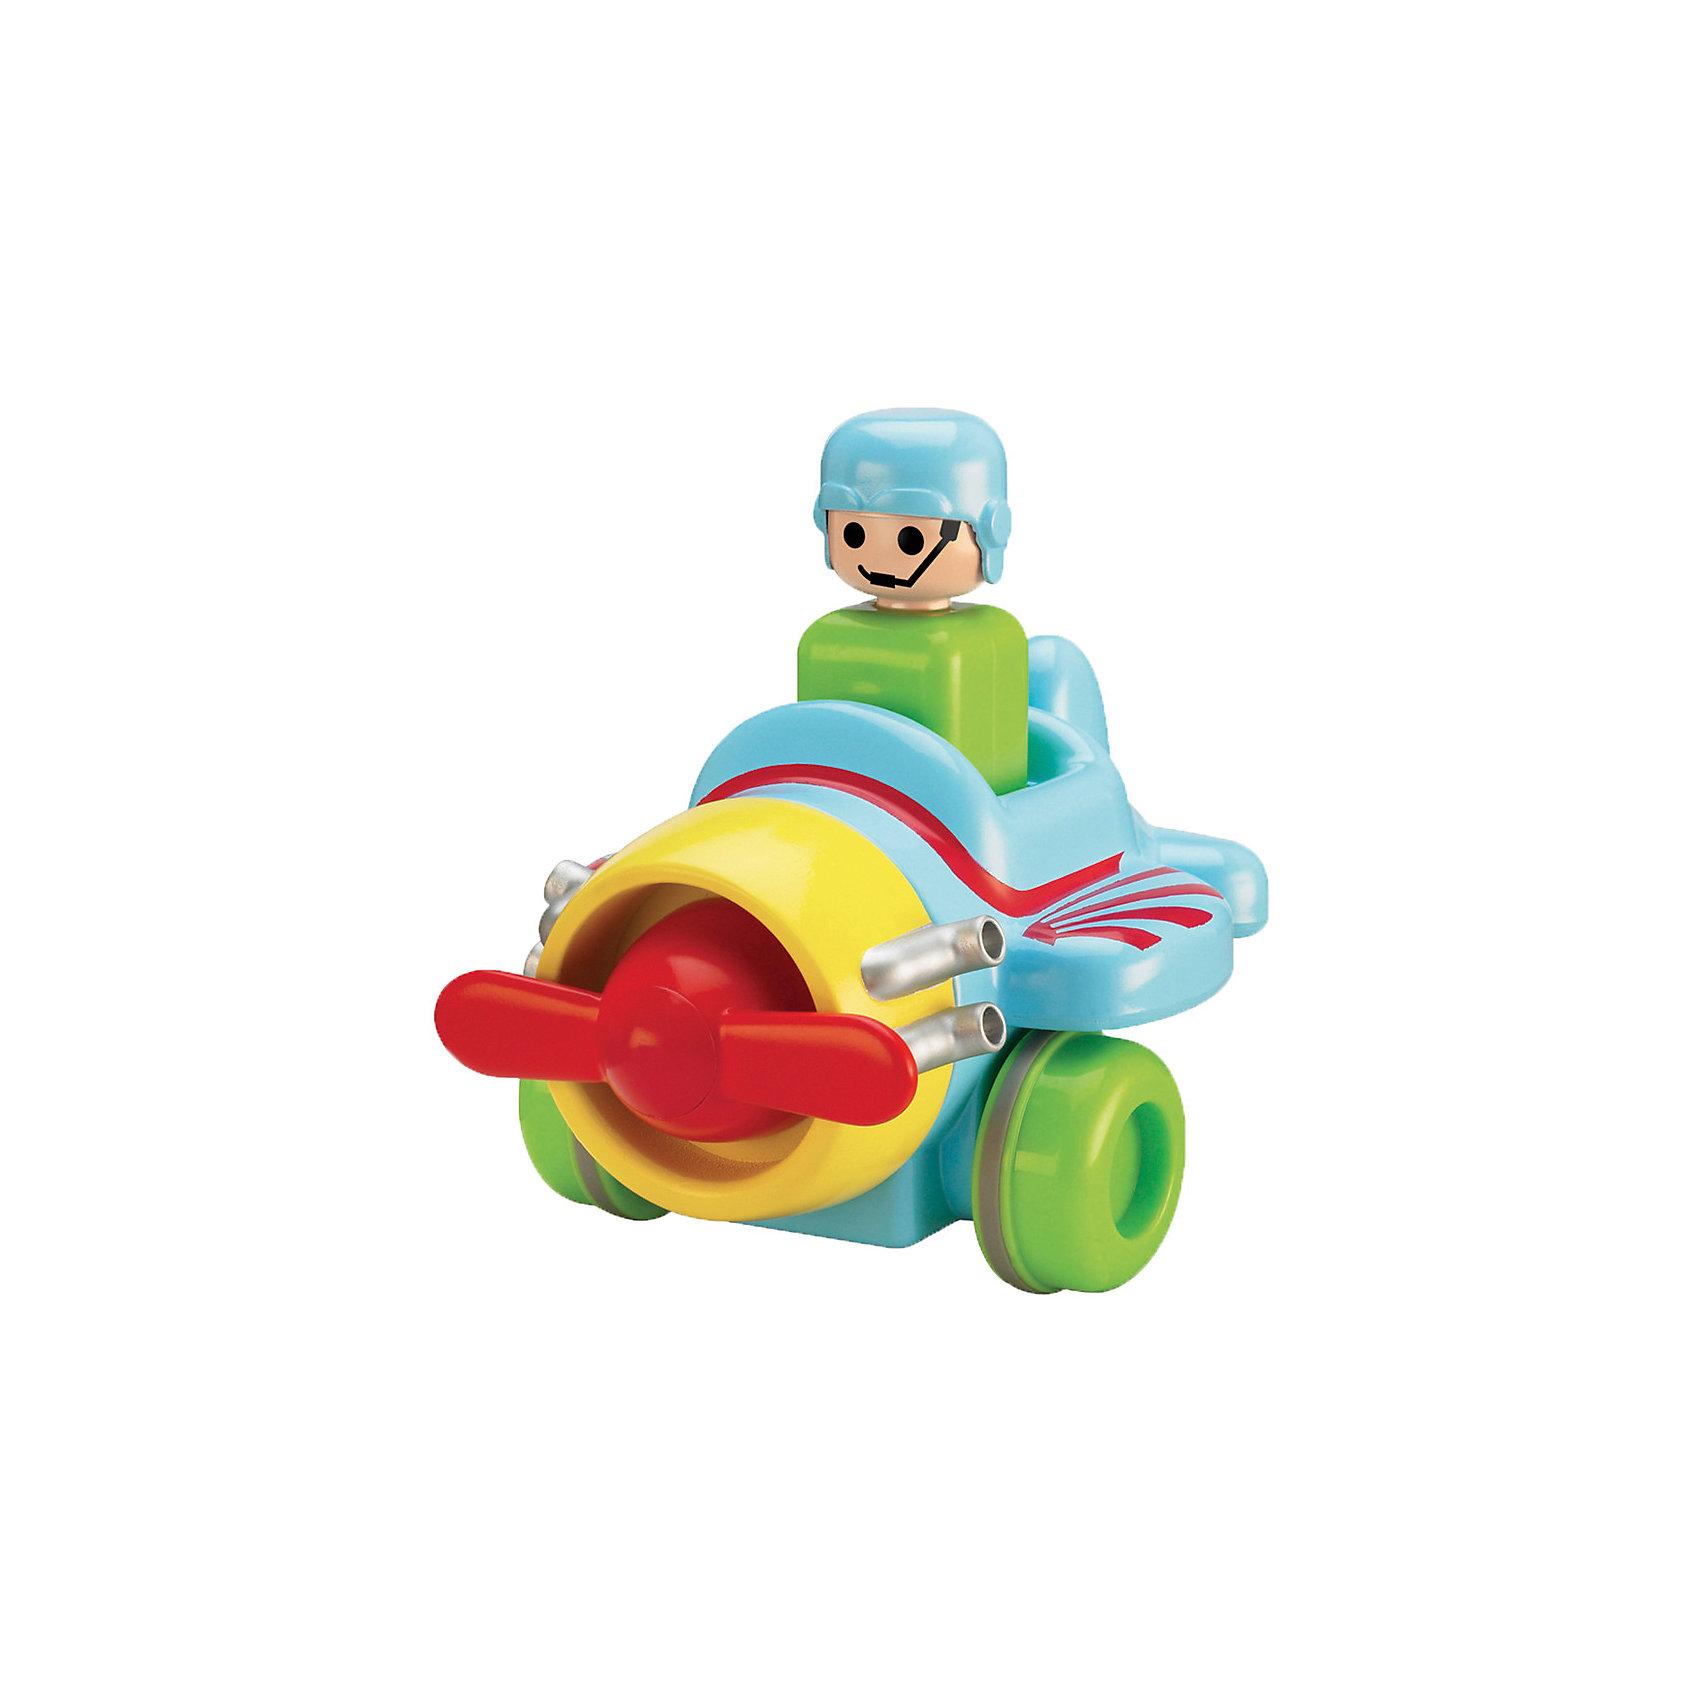 Самолёт Нажимай и гоняй, TOMYМашинки и транспорт для малышей<br>Самолет Нажимай и гоняй, TOMY (Томи).<br><br>Характеристика:<br><br>• Материал: пластик, металл. <br>• Размер упаковки: 13х16х13 см. <br>• Размер: 14 см.<br>• Подвижные колеса. <br>• Если нажать на голову водителя, машина поедет вперед. <br>• Яркий привлекательный дизайн. <br>• Не имеет острых углов. <br>• Развивает моторику, цветовосприятие. <br><br>Яркий самолетик обязательно привлечет внимание малышей и сделает игры крохи еще интереснее и веселее. Стоит только нажать на шлем пилота, как самолет быстро поедет вперед. Игрушка выполнена из высококачественных нетоксичных материалов, не имеет острых углов, абсолютно безопасна для детей. <br><br>Самолет Нажимай и гоняй, TOMY (Томи), можно купить в нашем интернет-магазине.<br><br>Ширина мм: 120<br>Глубина мм: 210<br>Высота мм: 170<br>Вес г: 80<br>Возраст от месяцев: 12<br>Возраст до месяцев: 60<br>Пол: Мужской<br>Возраст: Детский<br>SKU: 5361381